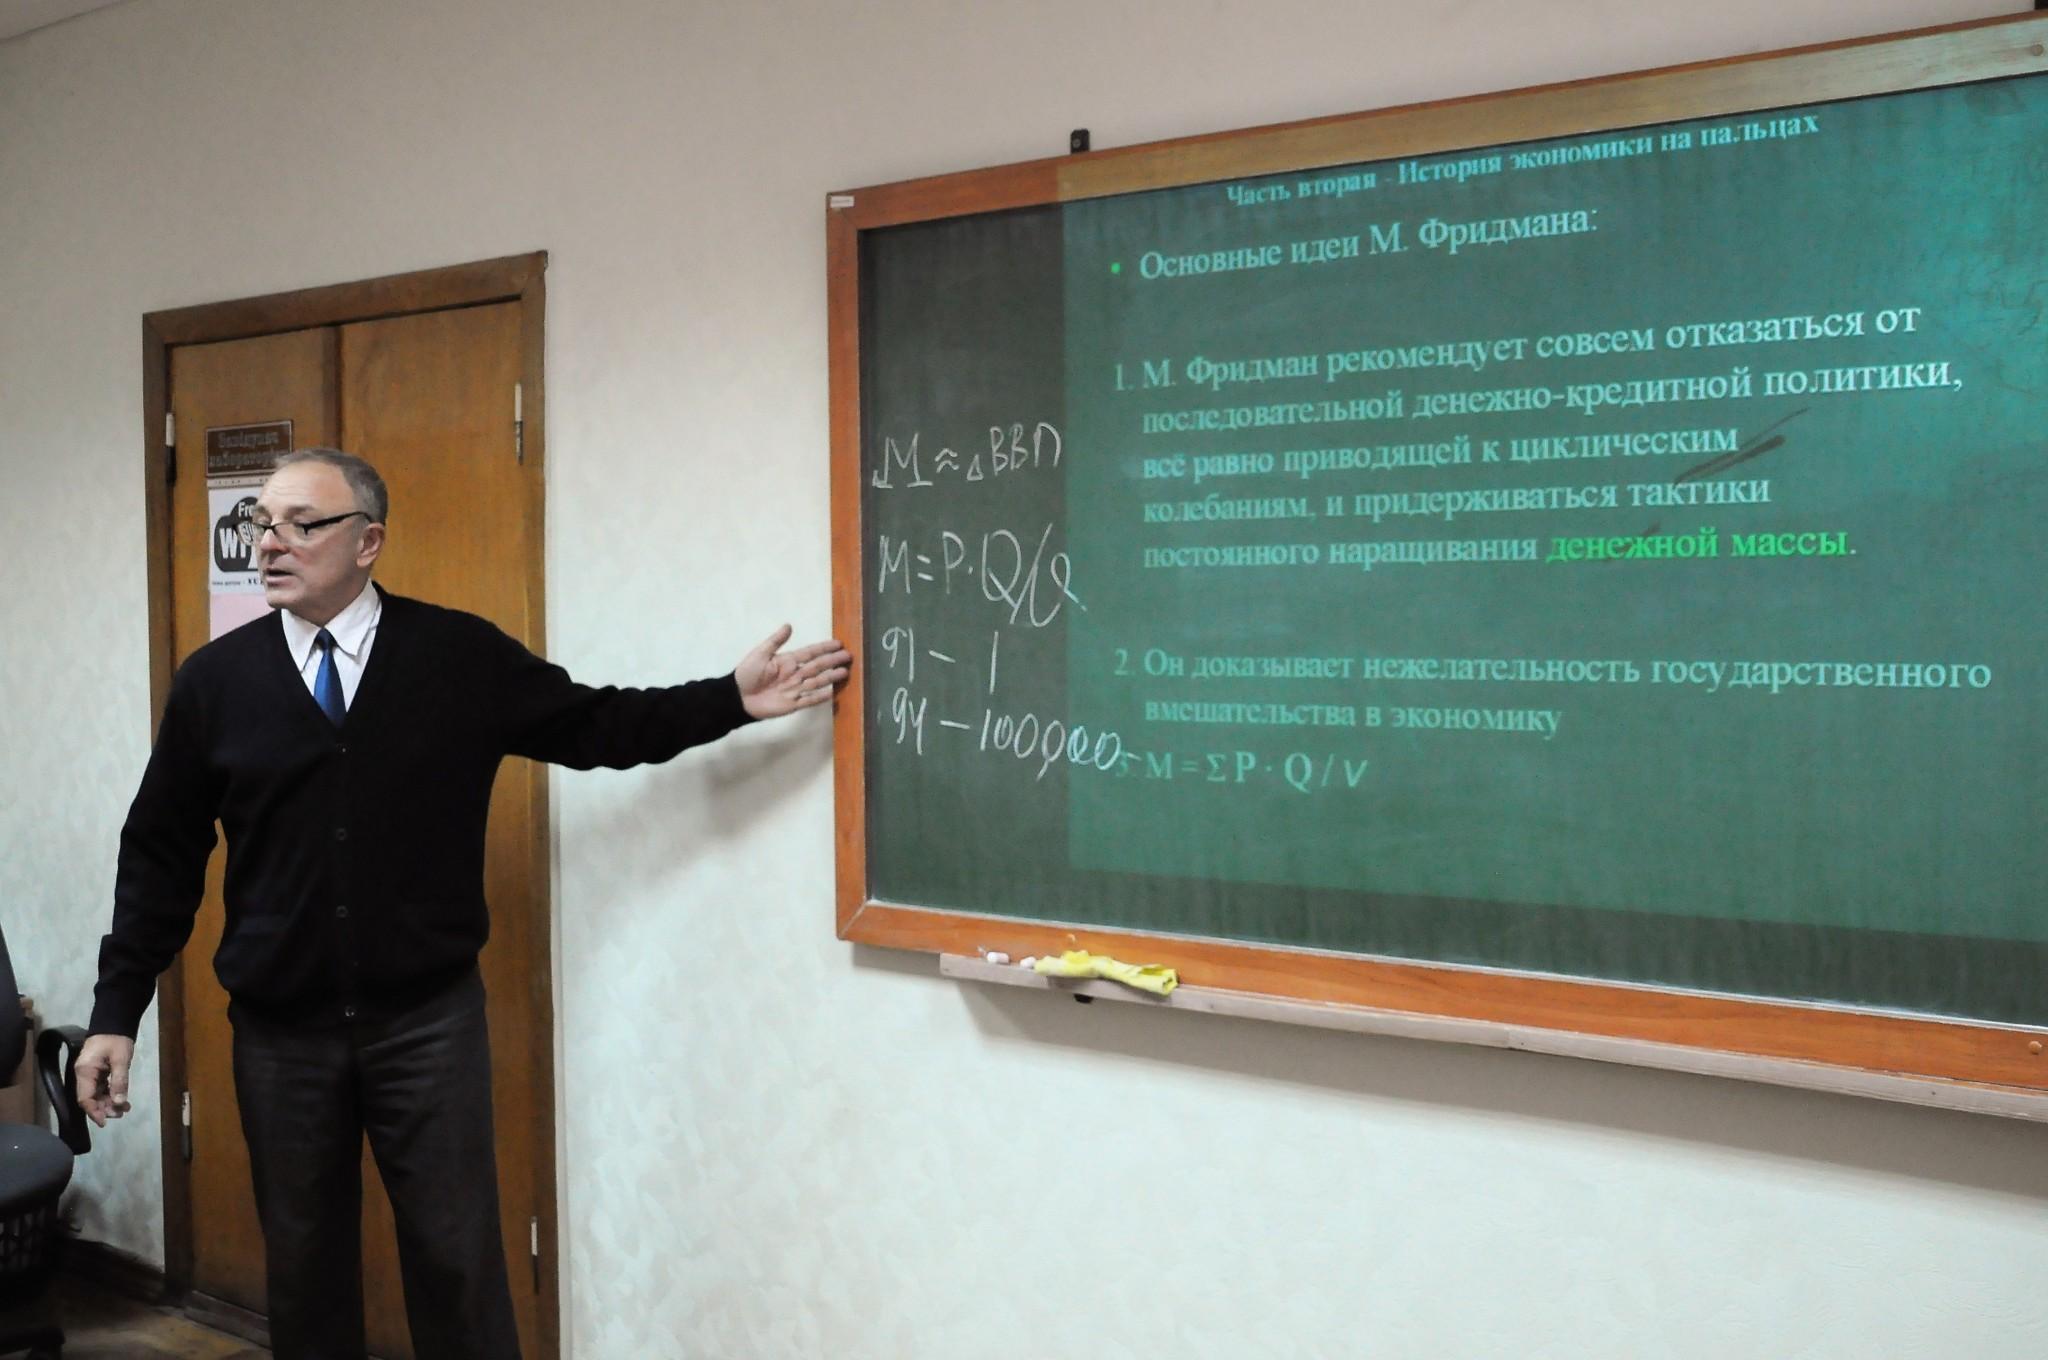 У ХНУРЕ відновлює свою роботу щорічна Бізнес-школа «STARTUP.школяр»